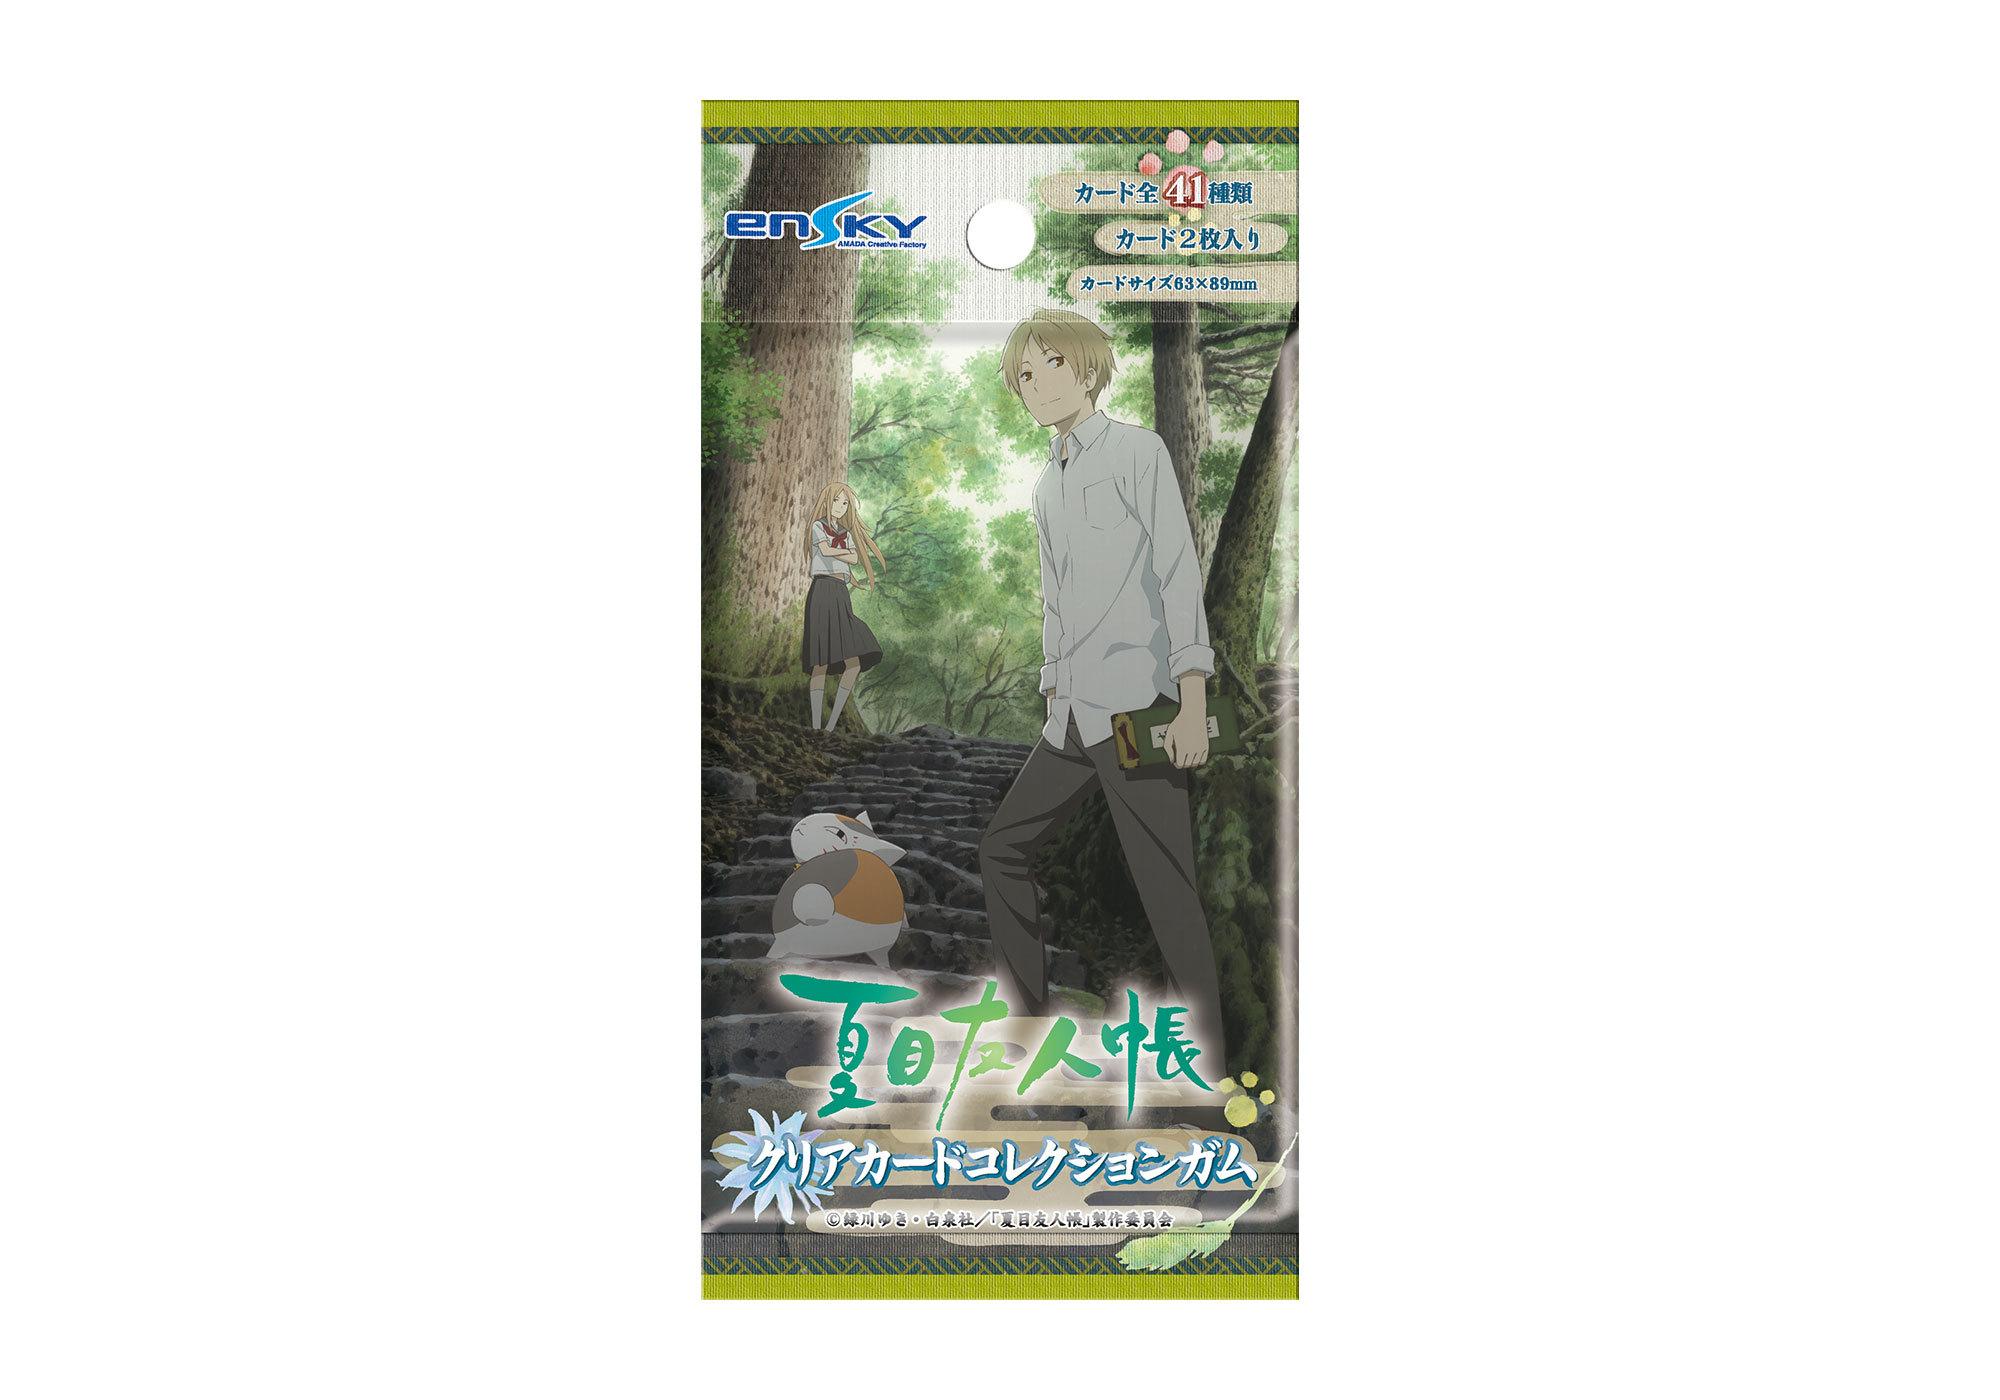 ensky-natsume-yujincho-20170212-2.jpg